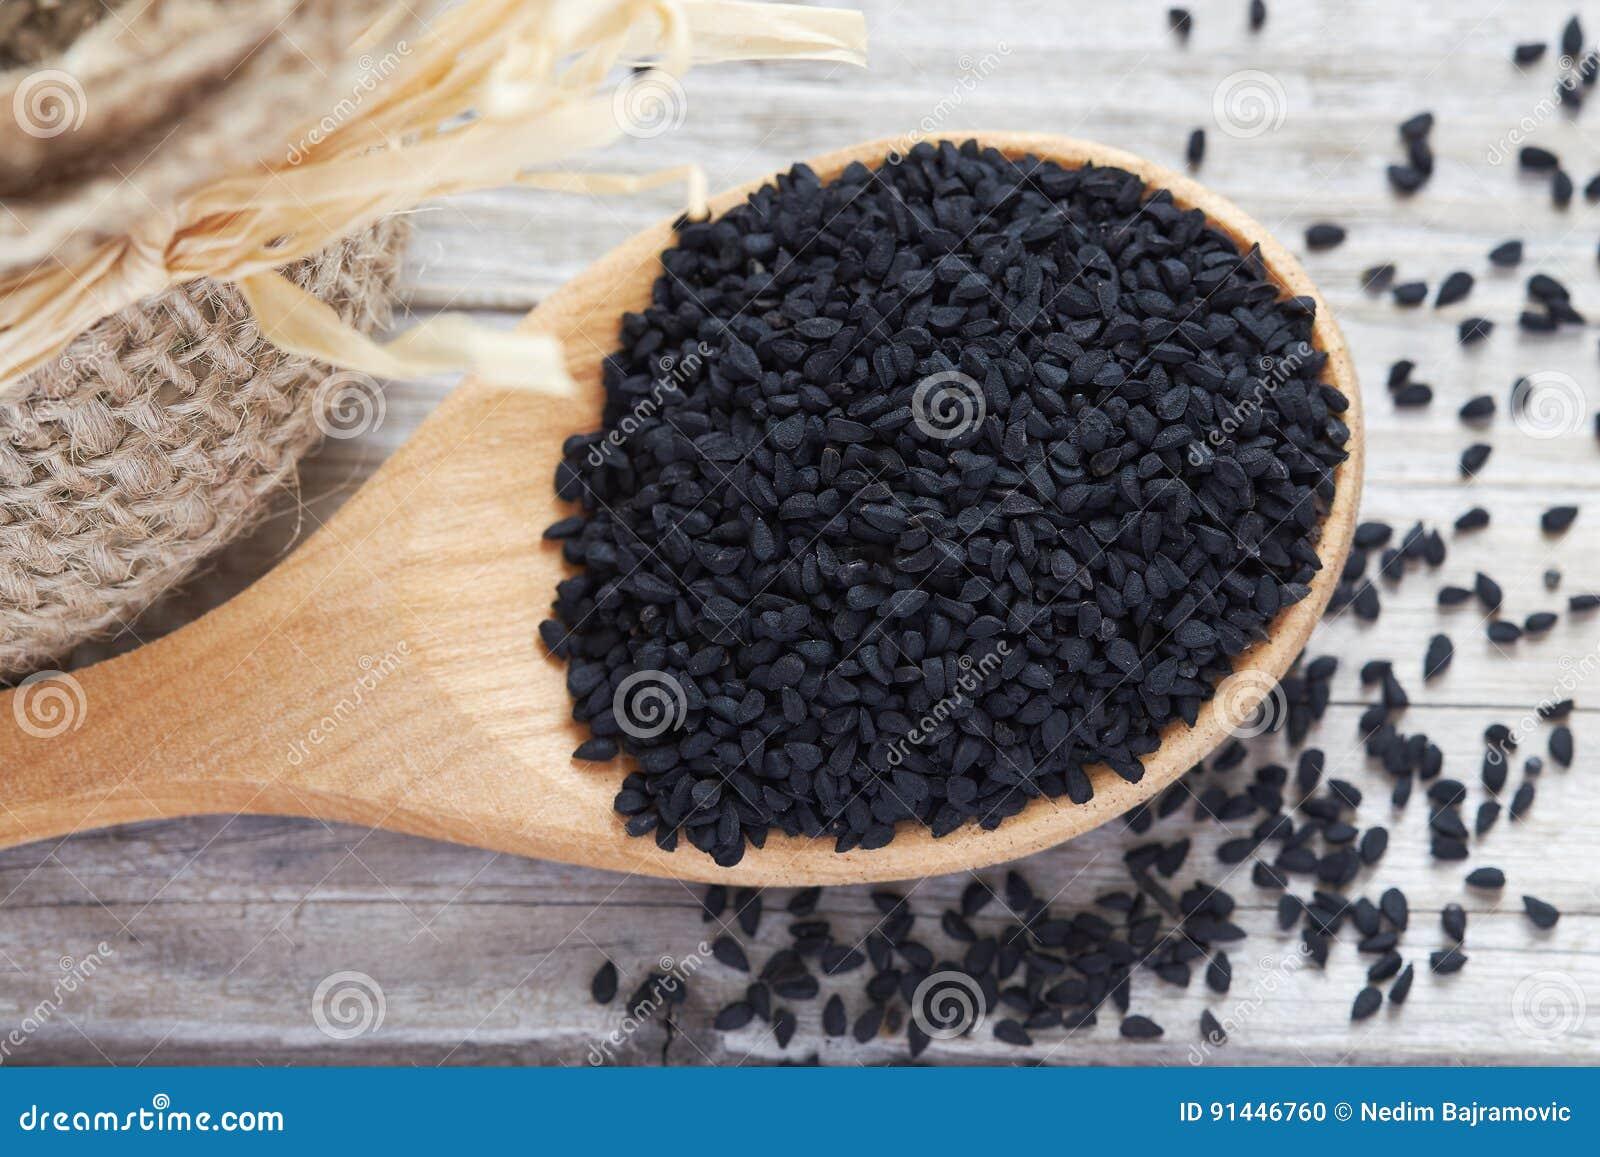 Czarny kminu ziarno